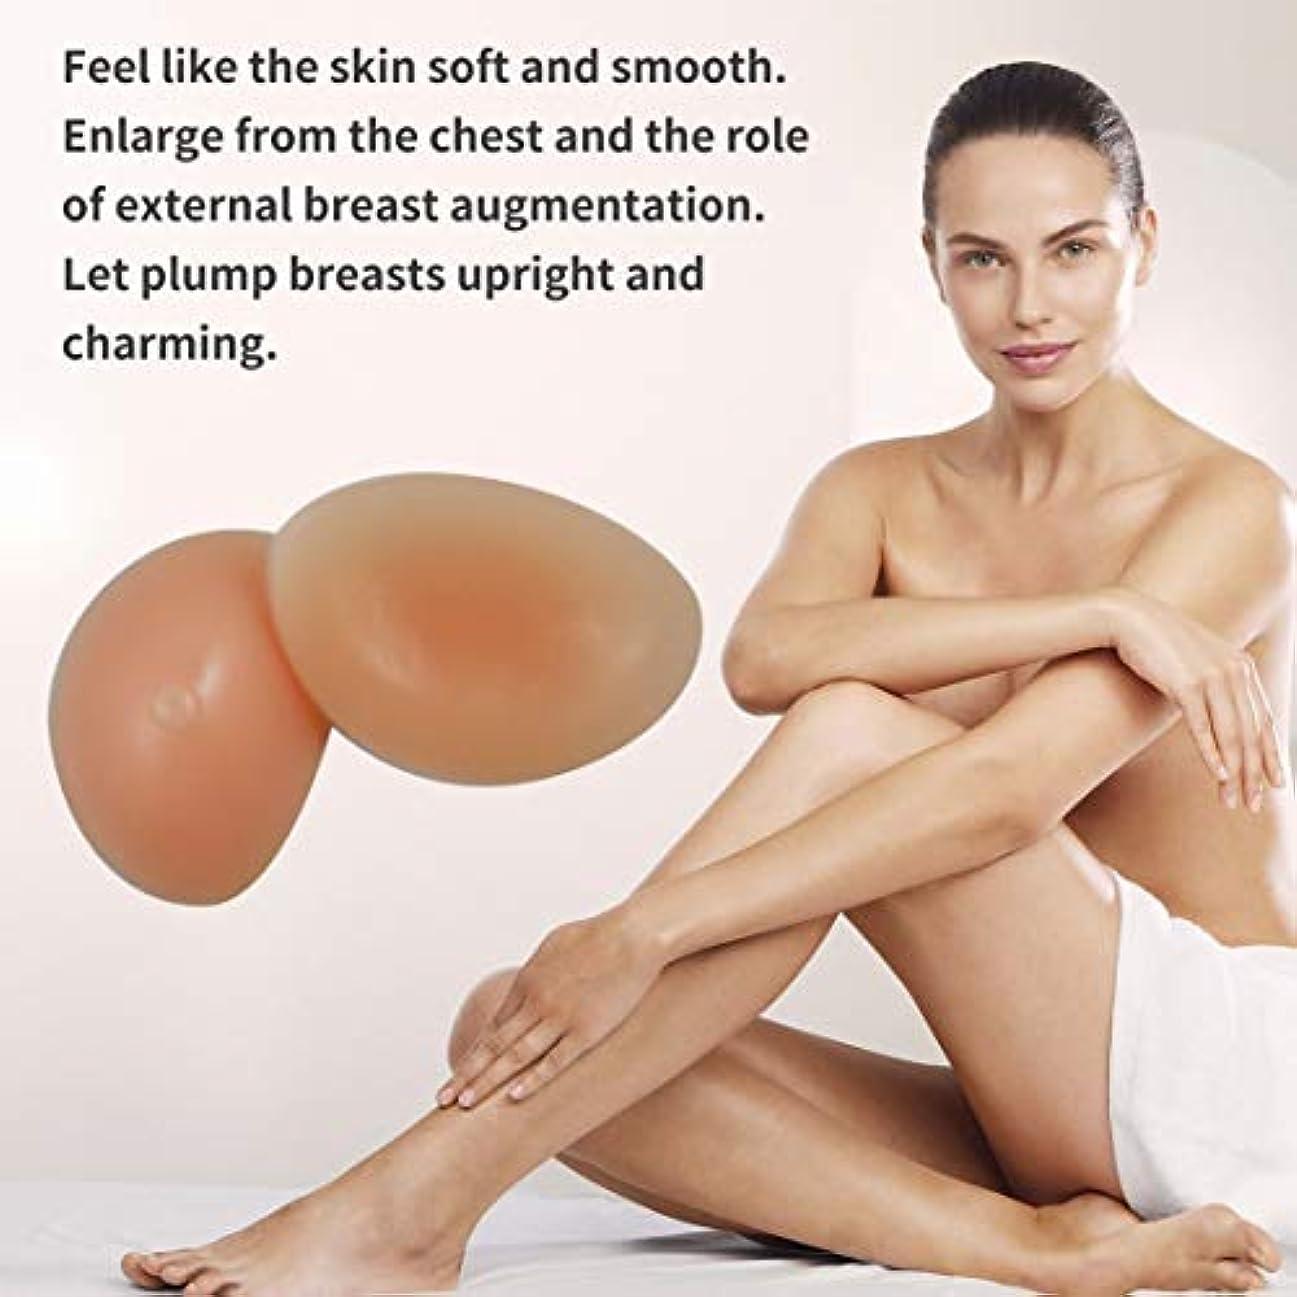 レクリエーション開始昼食シリコーンフォーム偽乳房エンハンサープッシュアップパッドブースターブラインサート人工乳房リアルな防水シリコーン乳房フォーム